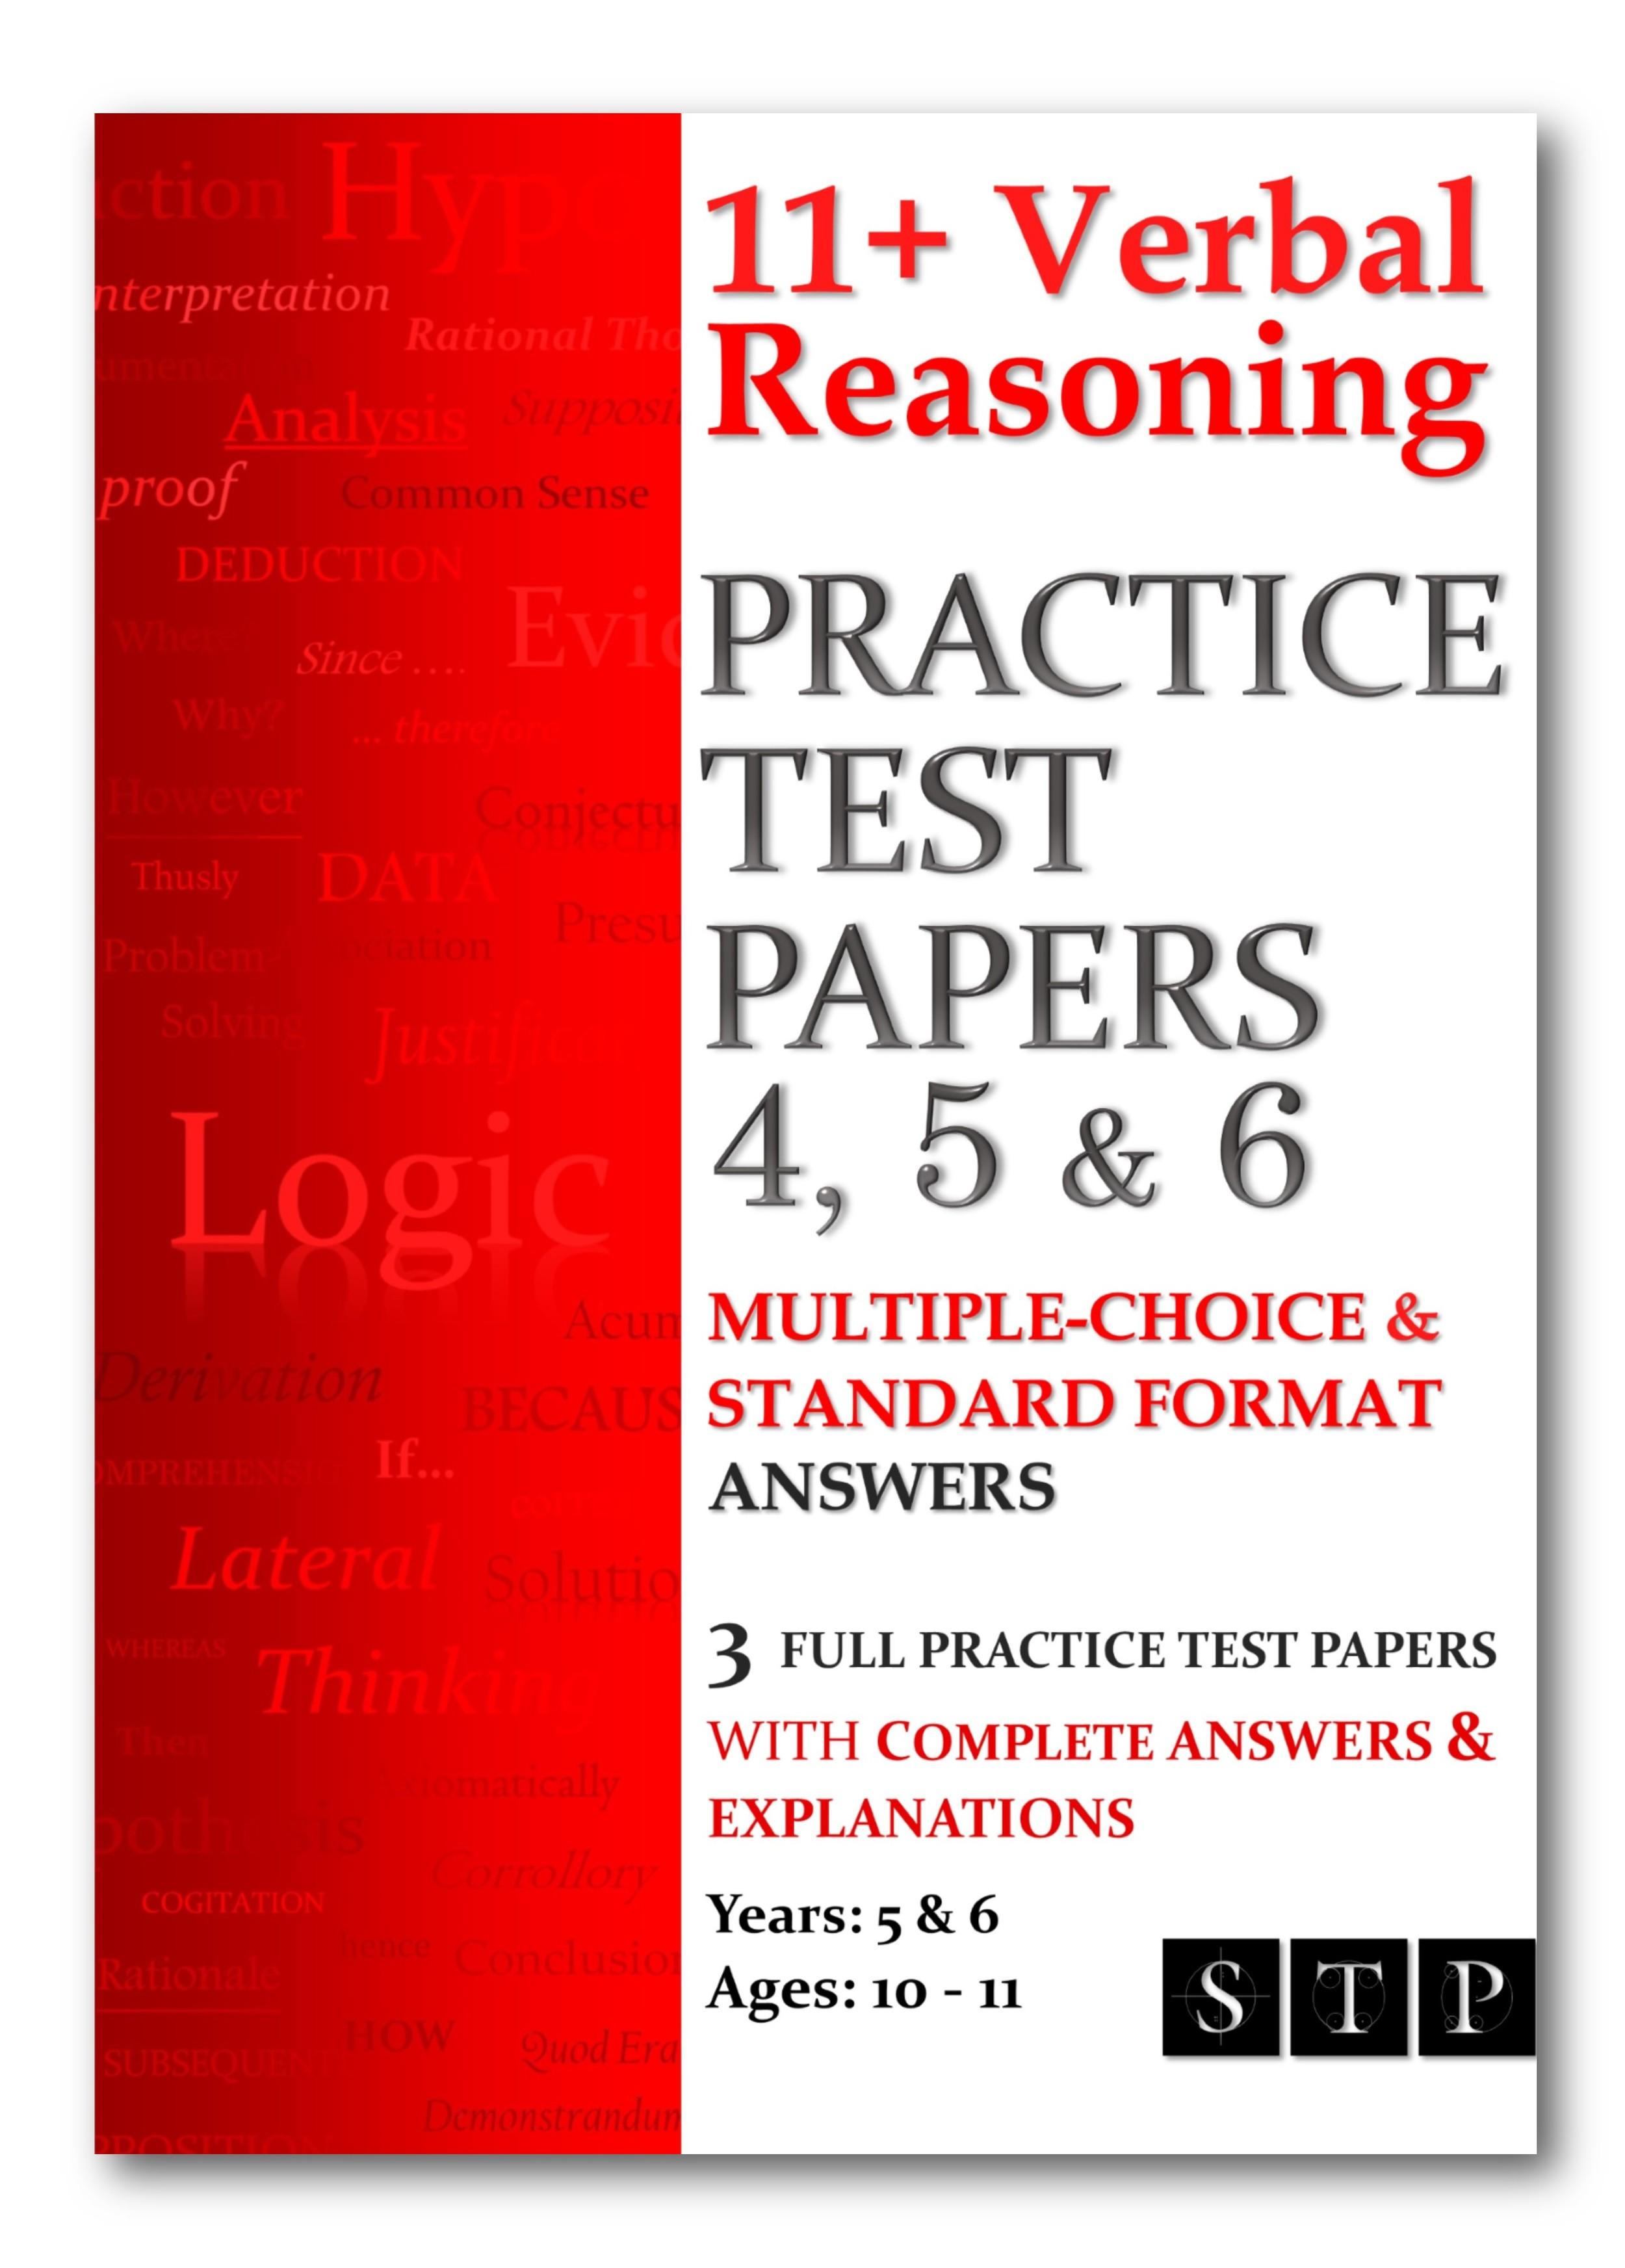 11+ Verbal Reasoning Practice Test Papers 4, 5 & 6